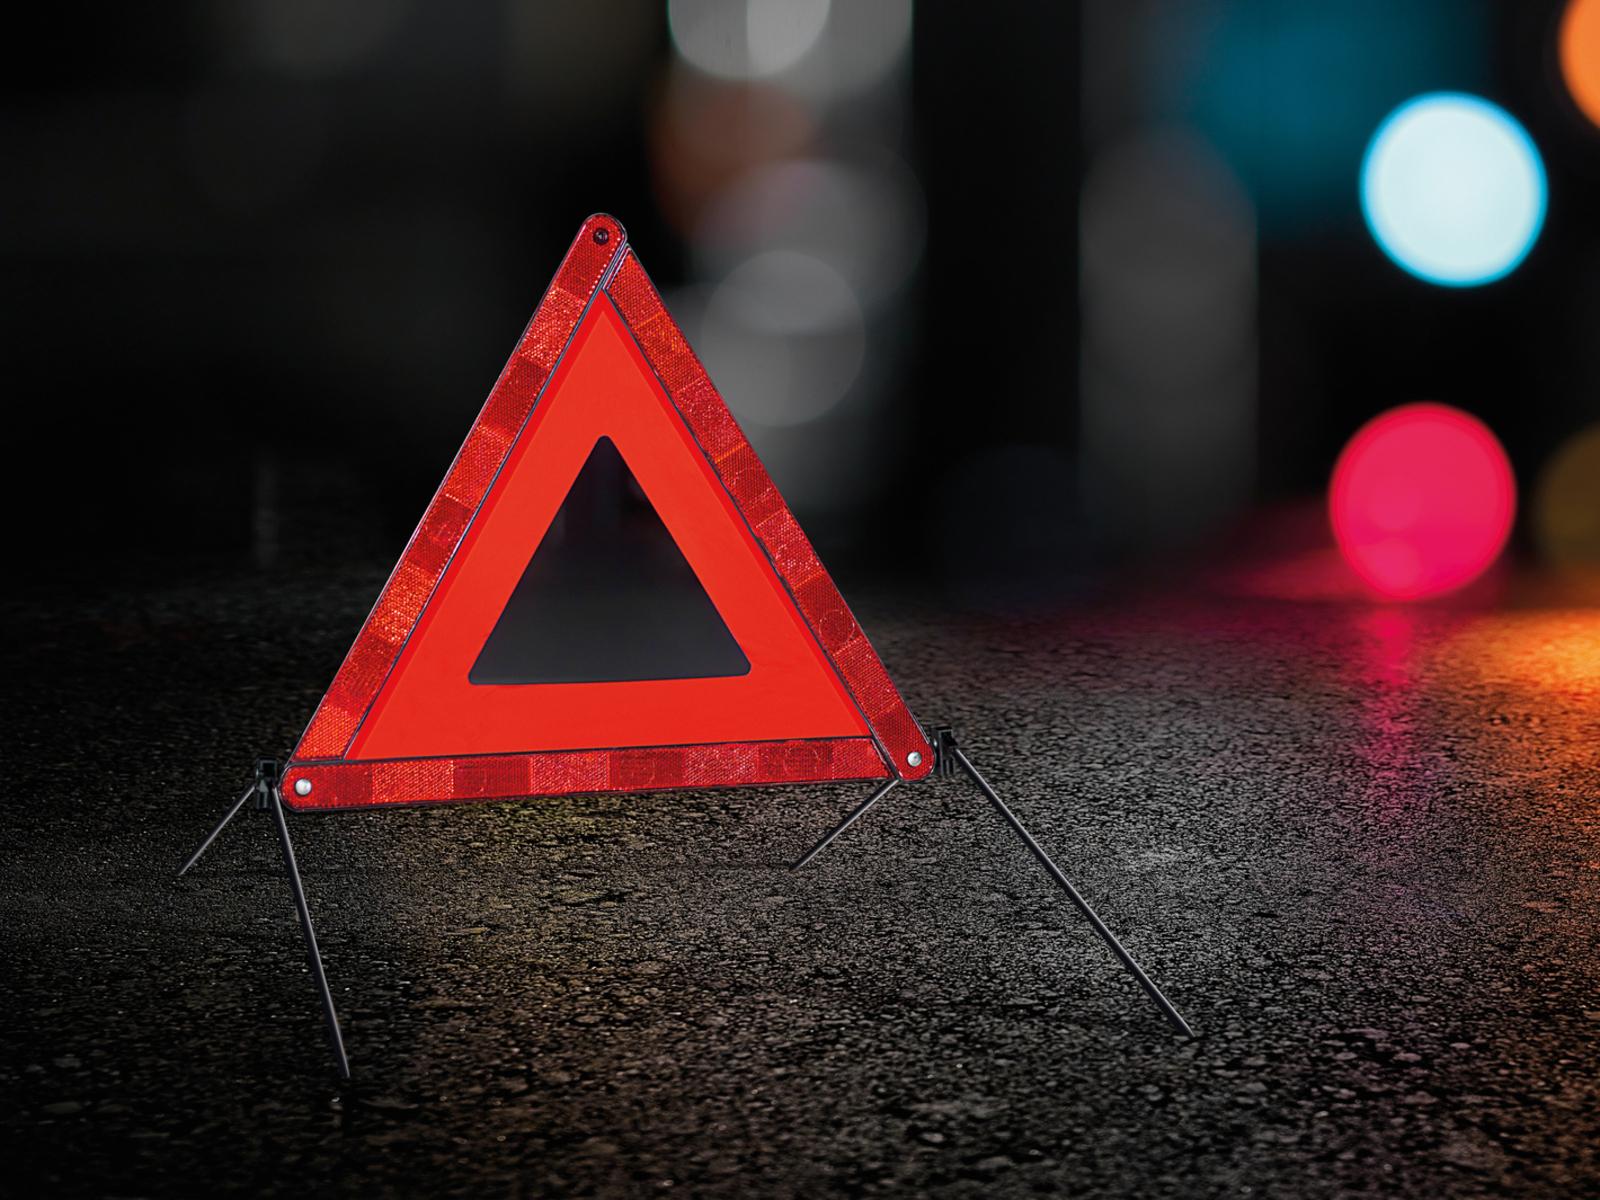 В Трубчевском районе женщина-водитель устроила ДТП с пострадавшими